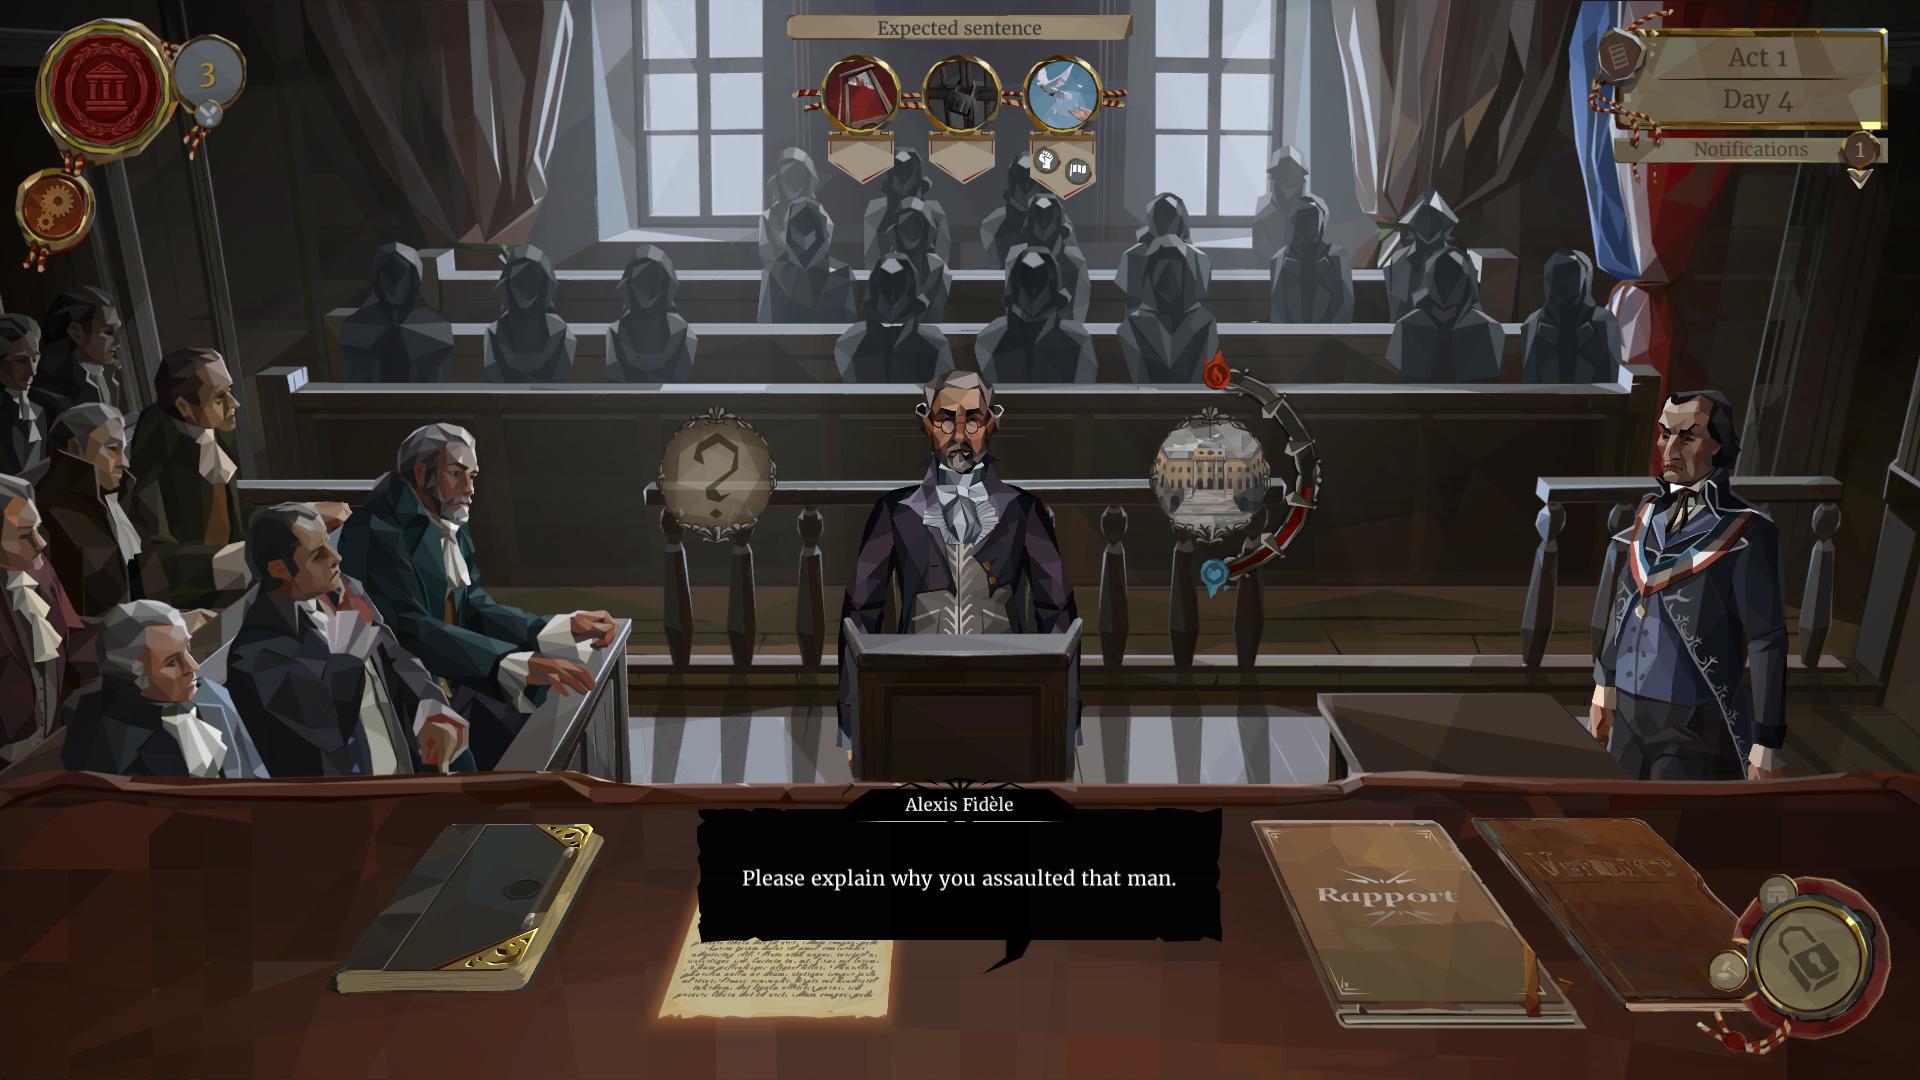 法国法庭游戏《我们,革命》主机版发行日确定